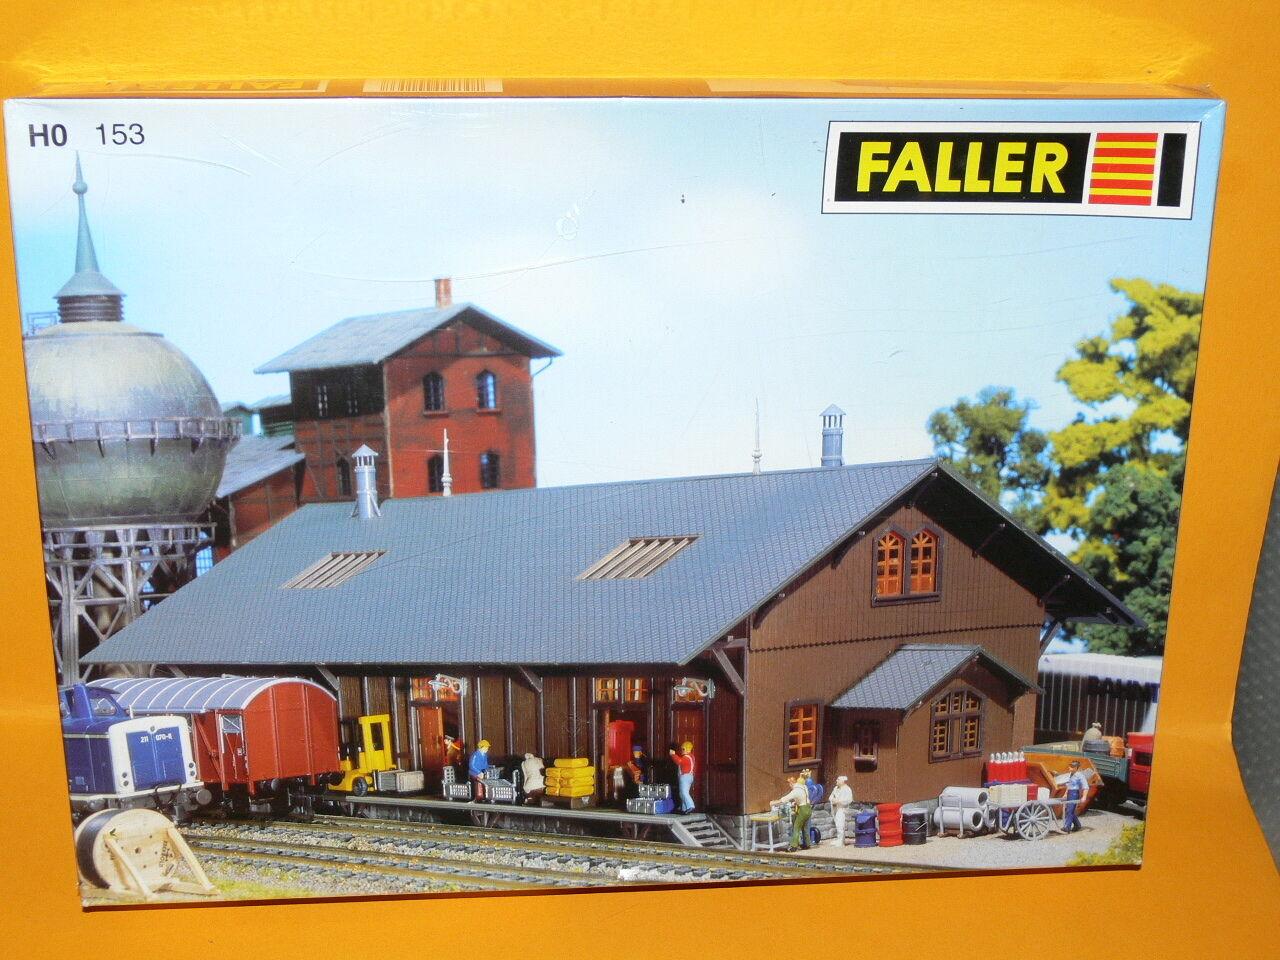 Faller Faller Faller - Güterschuppen - 1 87 H0 - Nr. 153 - Neu&Ovp 6780c3